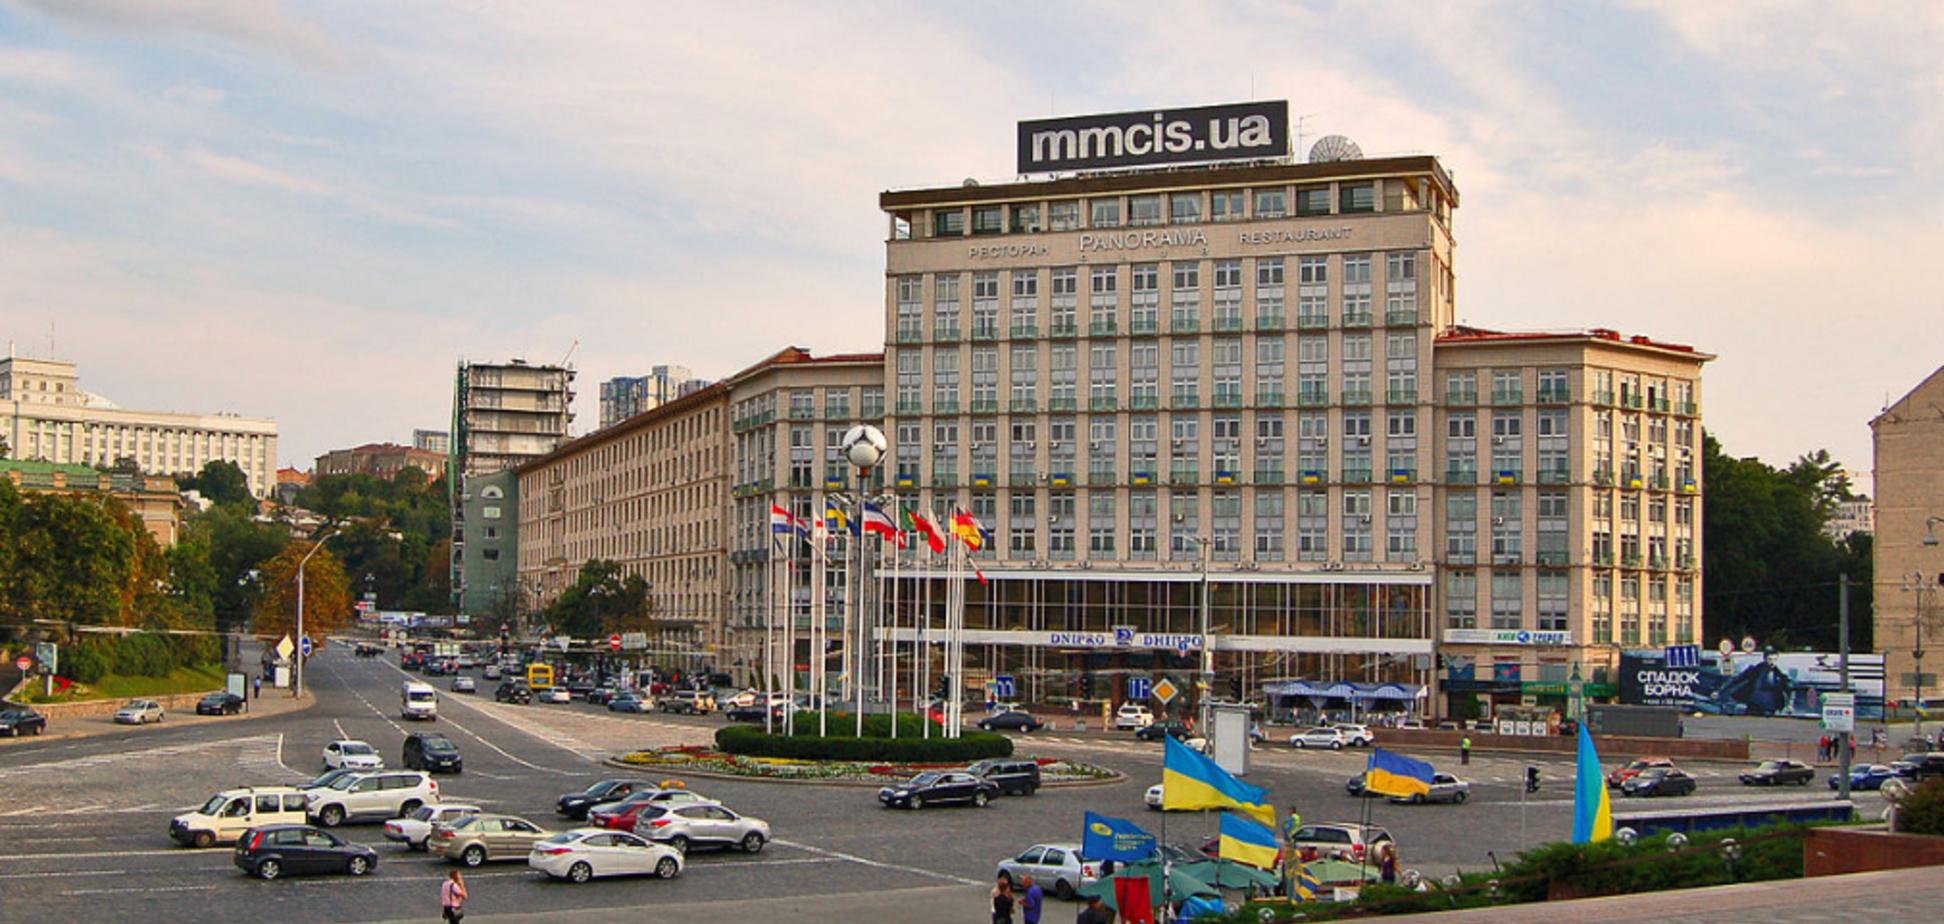 Стартував онлайн-аукціон з приватизації столичного готелю 'Дніпро'